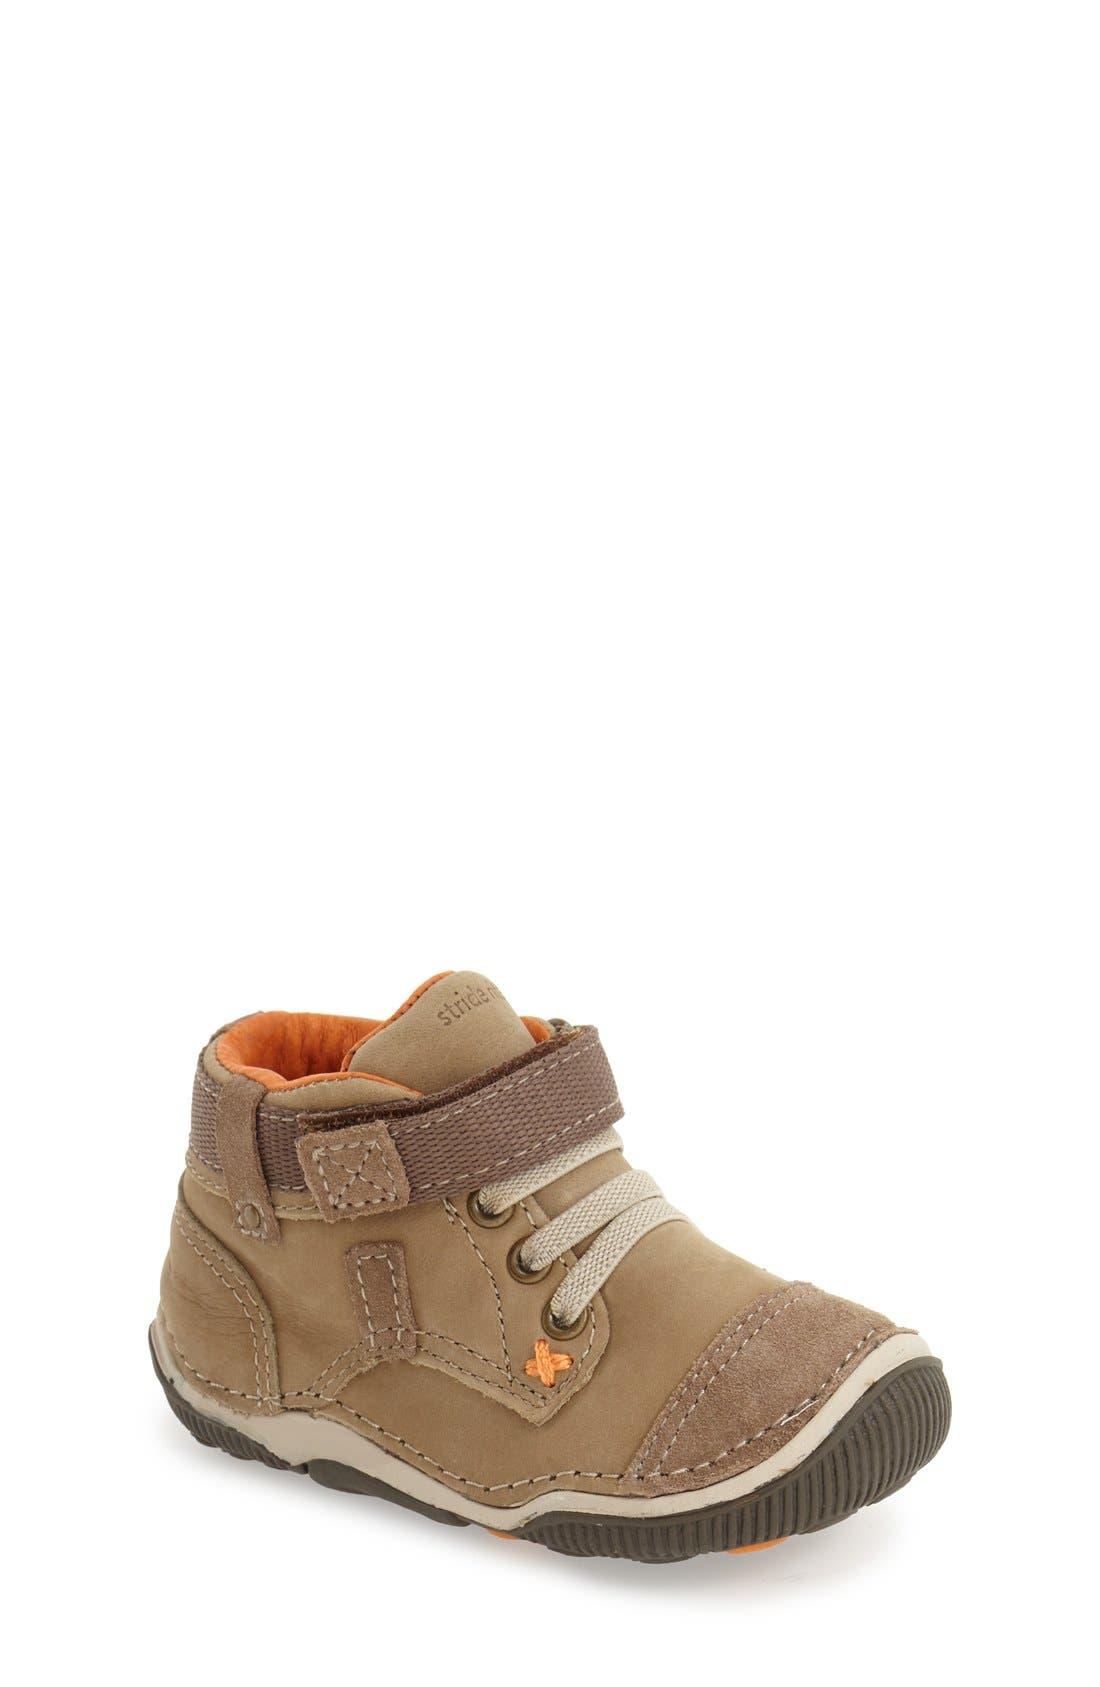 'Garrett' High Top Bootie Sneaker,                         Main,                         color, BROWN